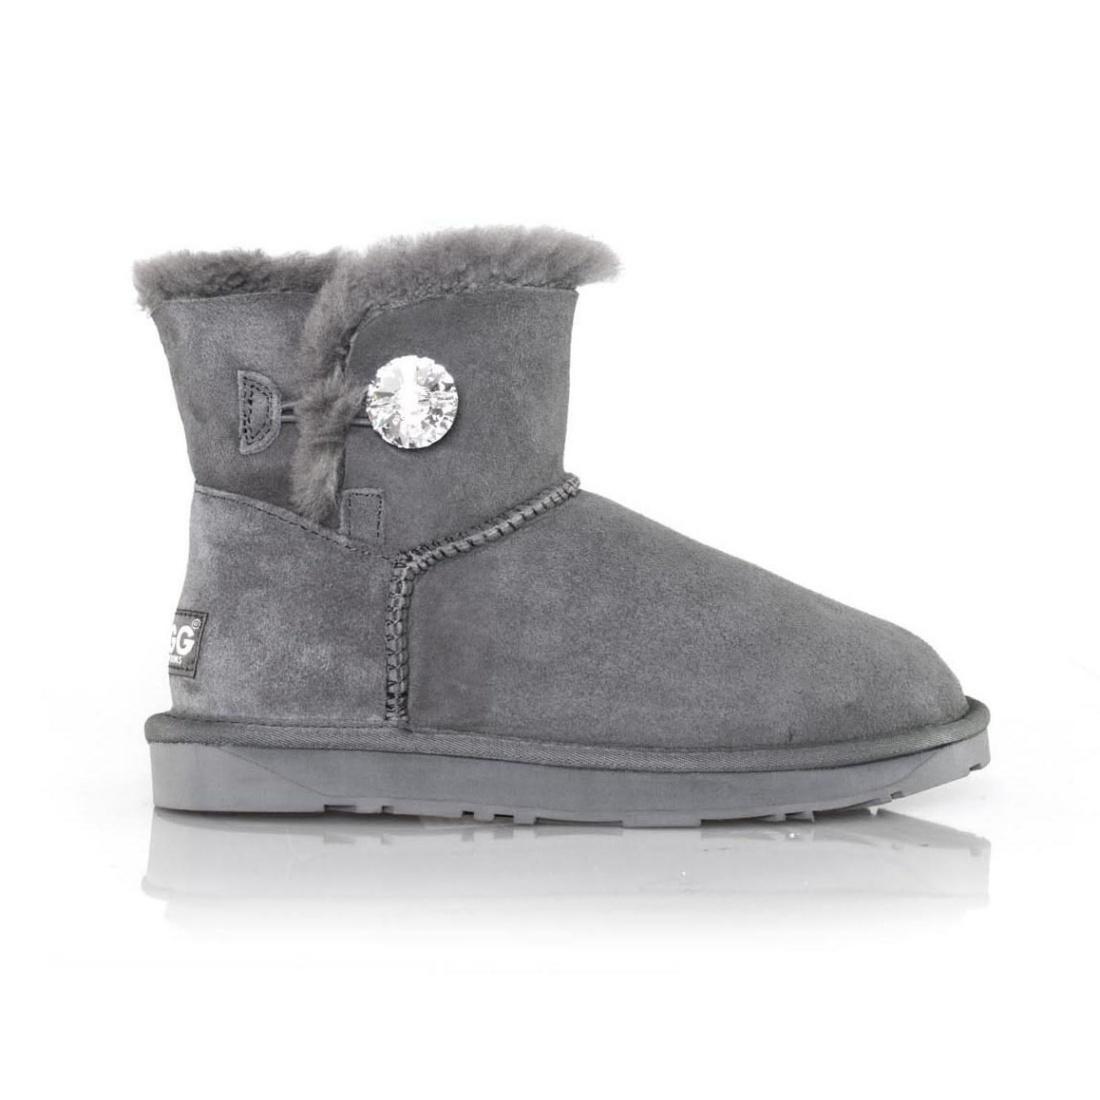 UGG Button Ankle Boots Mini - Grey - AU Women 4 / Men 2